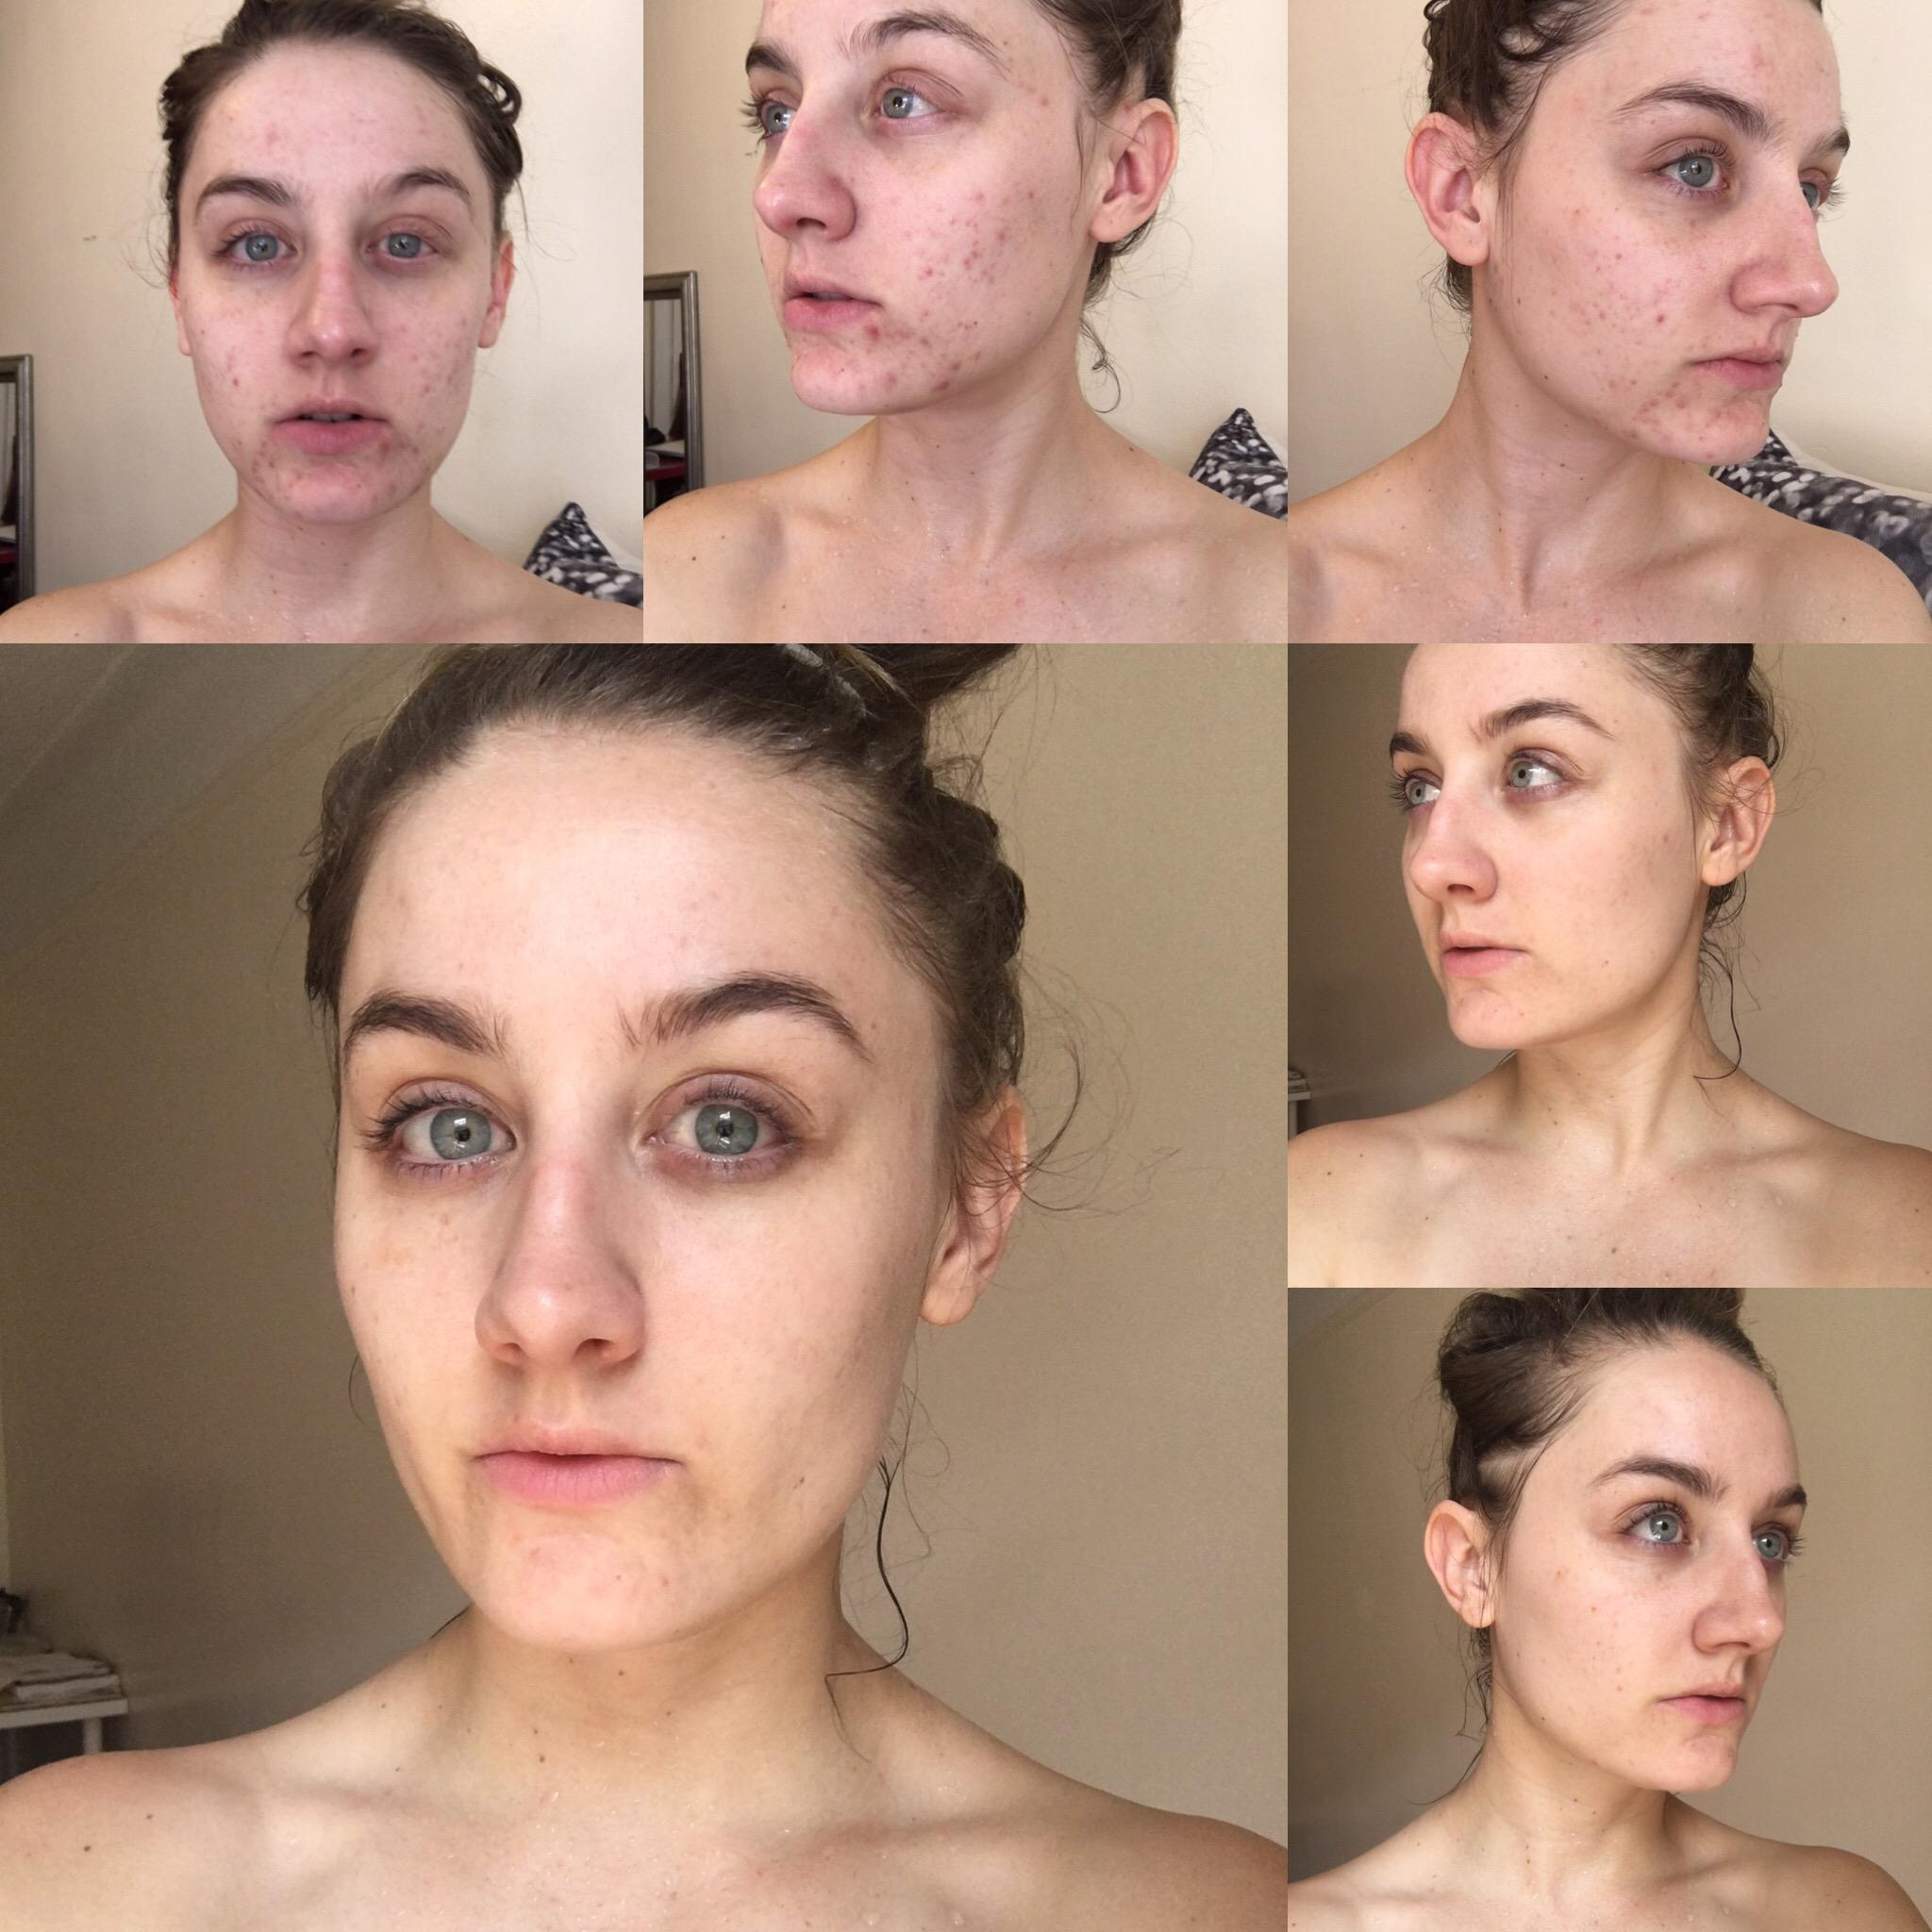 Она не умывала лицо целых полгода и сейчас готова поделиться результатами эксперимента